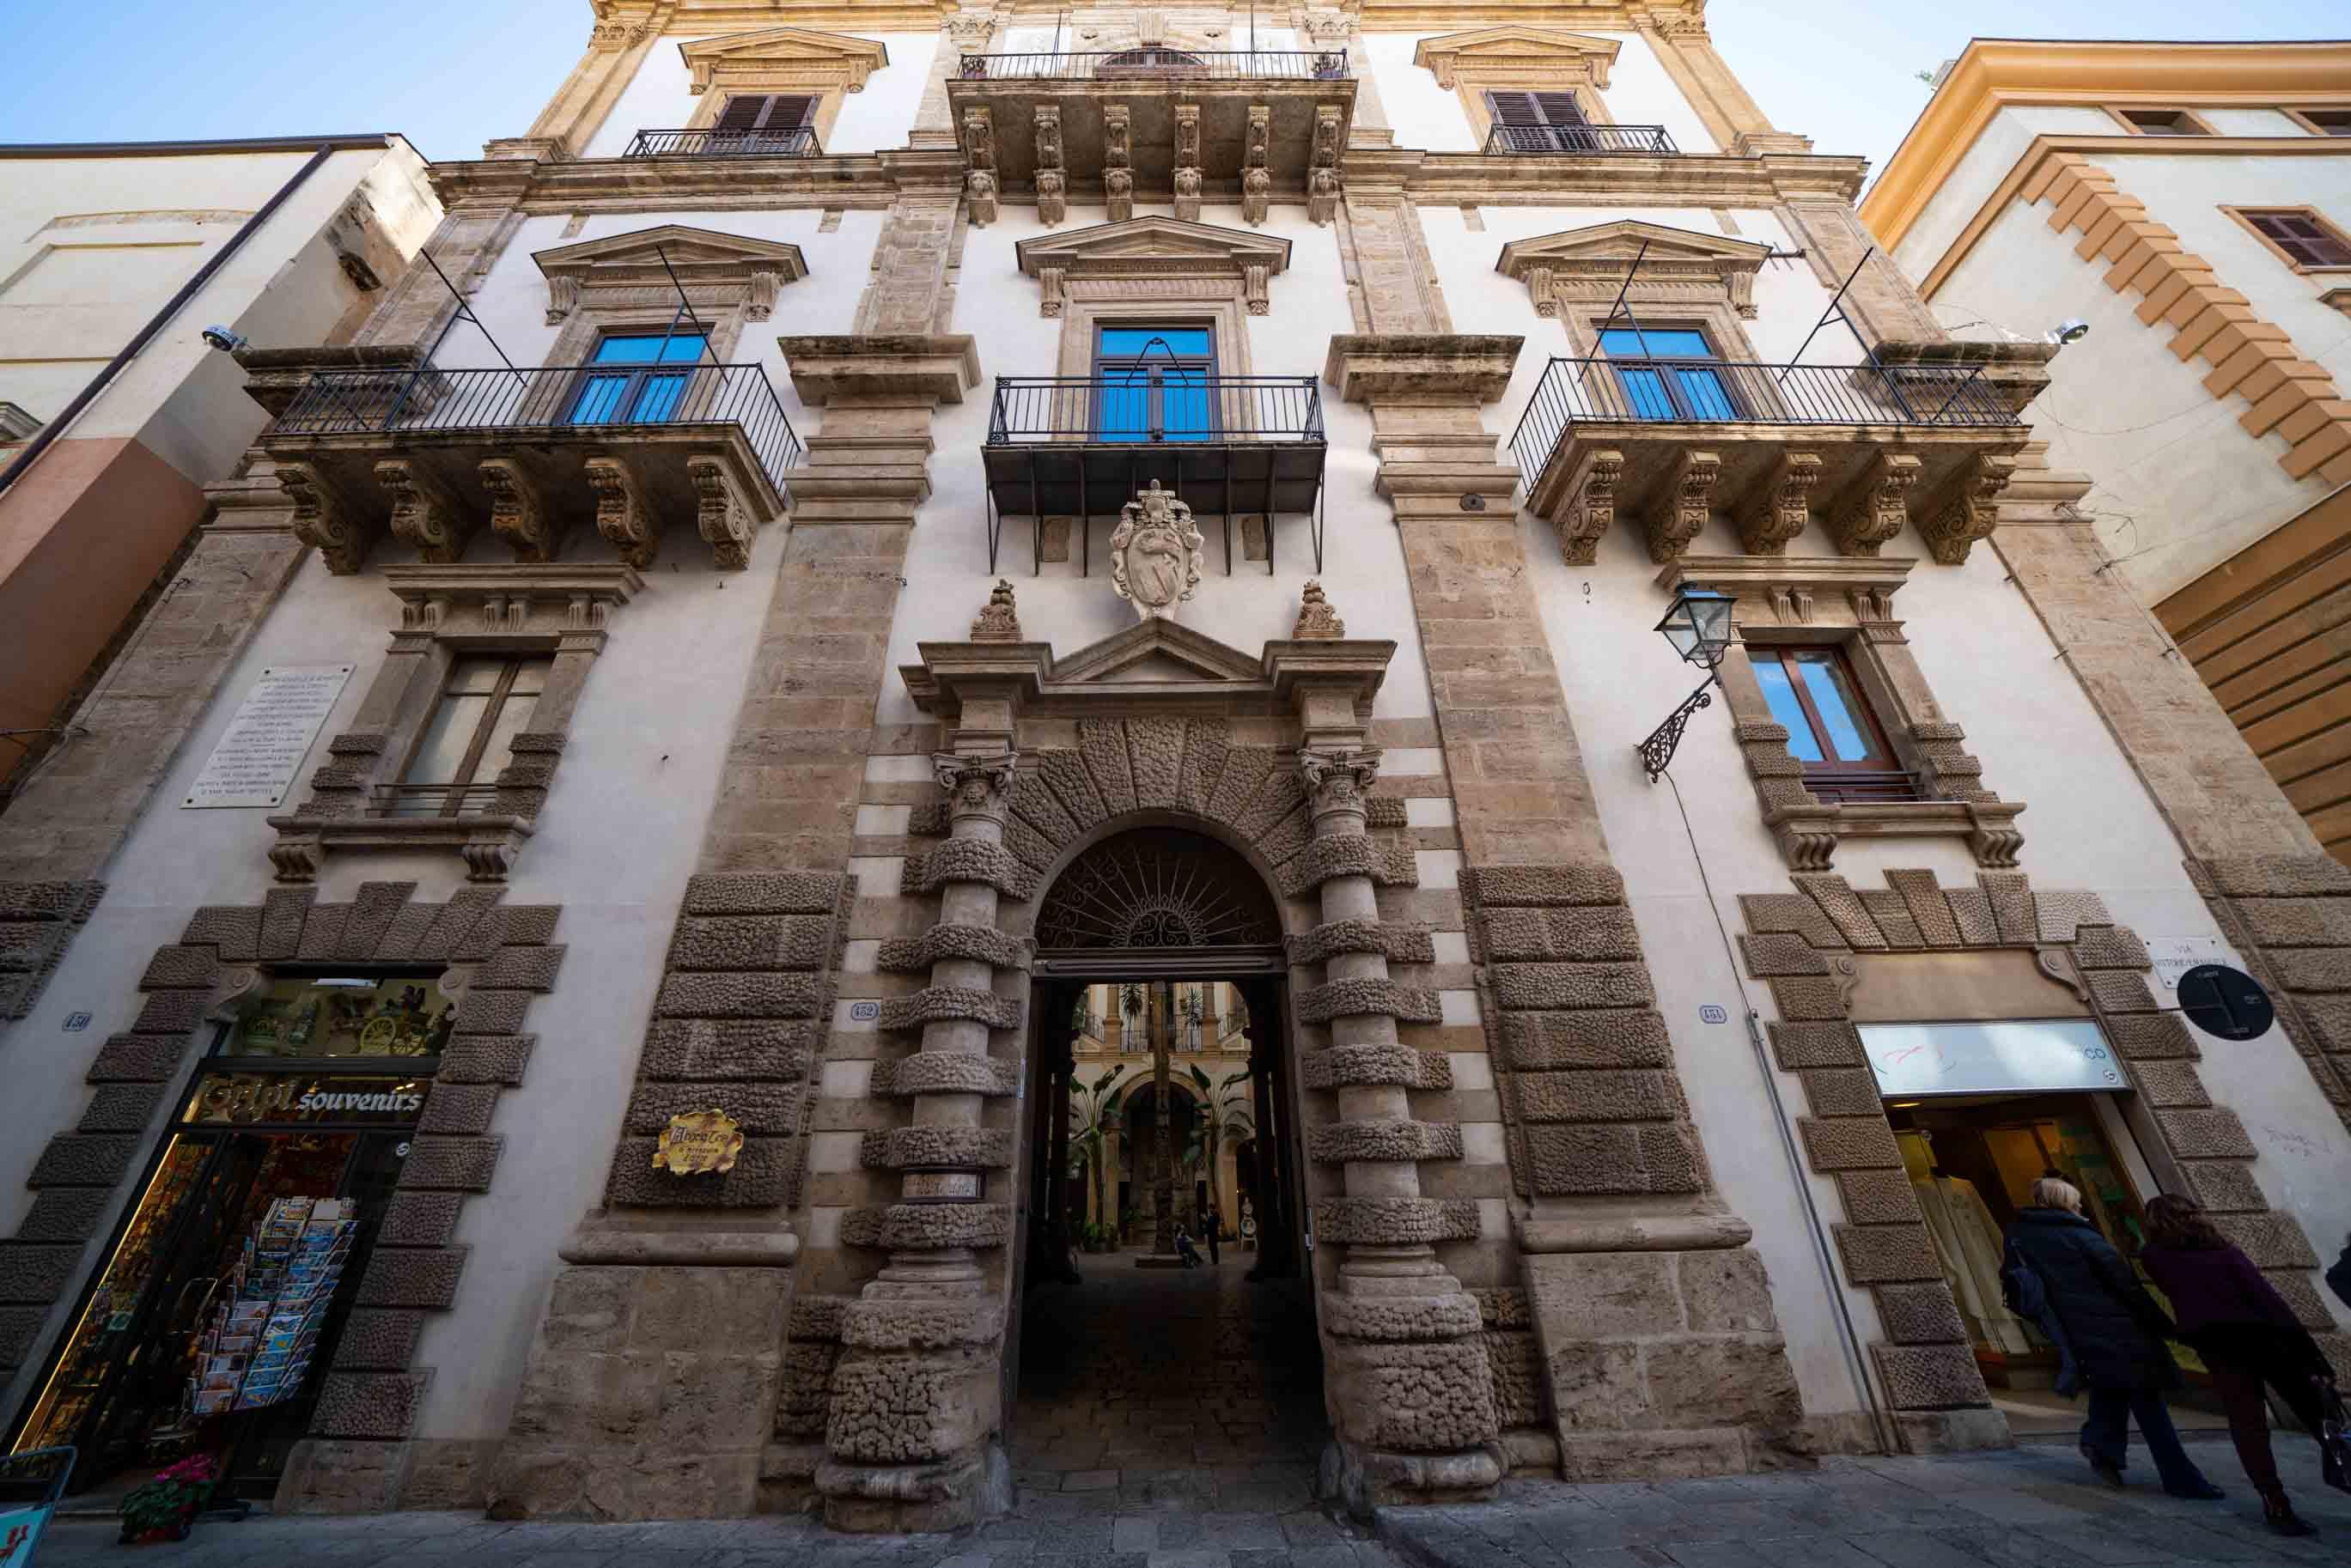 Il MEC sorge nel cuore del centro storico di Palermo, in un palazzo cinquecentesco